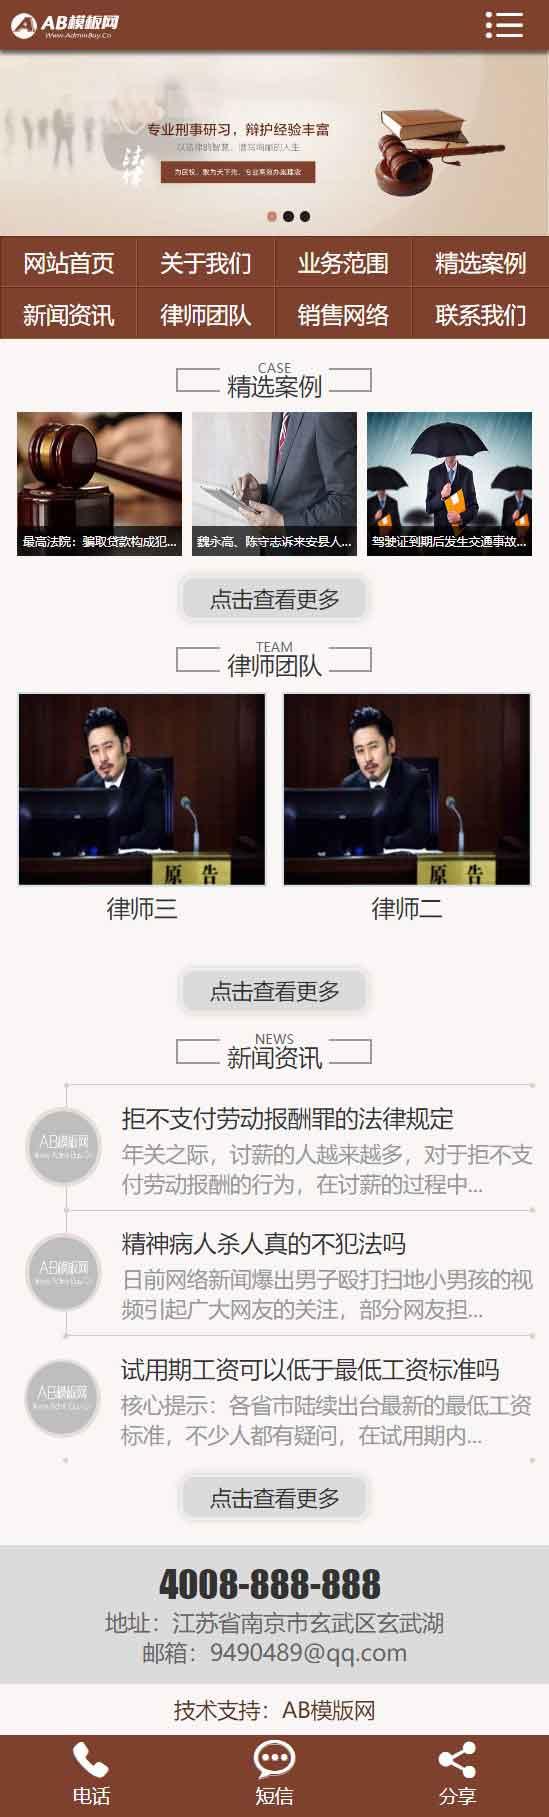 鹤云资源博客-律师事务所网站织梦dede模板源码[带手机版数据同步]插图1